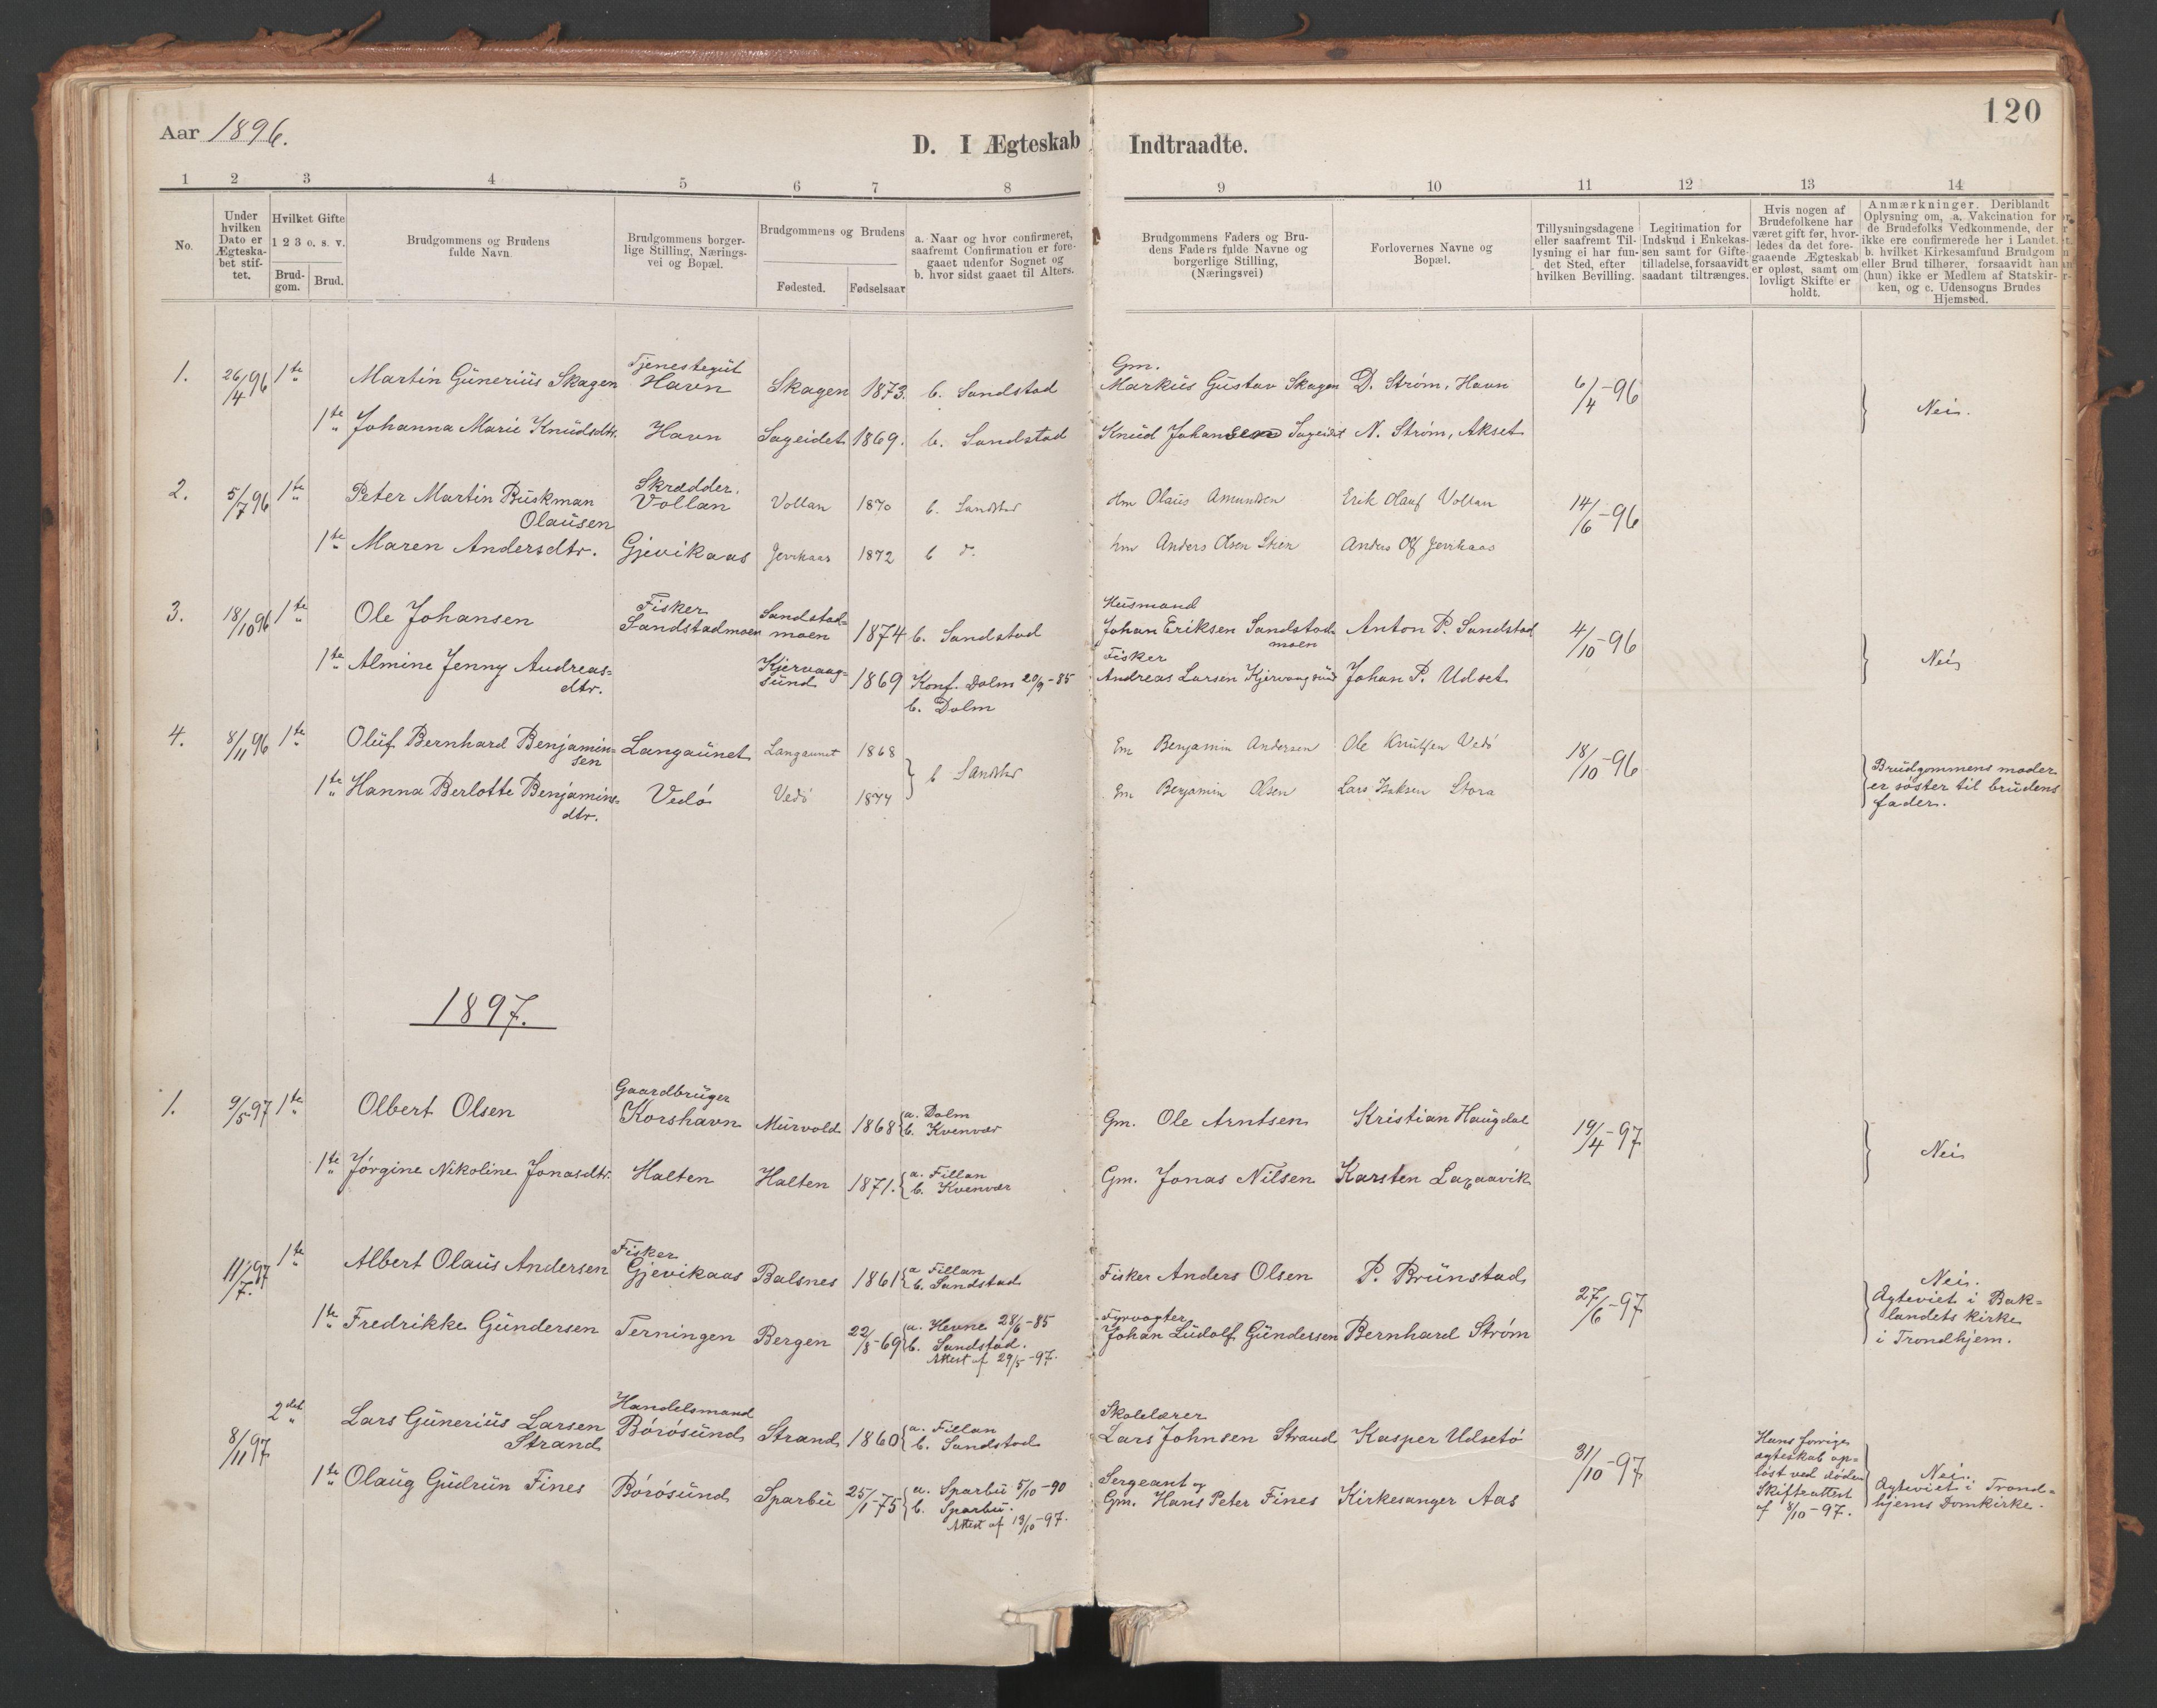 SAT, Ministerialprotokoller, klokkerbøker og fødselsregistre - Sør-Trøndelag, 639/L0572: Ministerialbok nr. 639A01, 1890-1920, s. 120